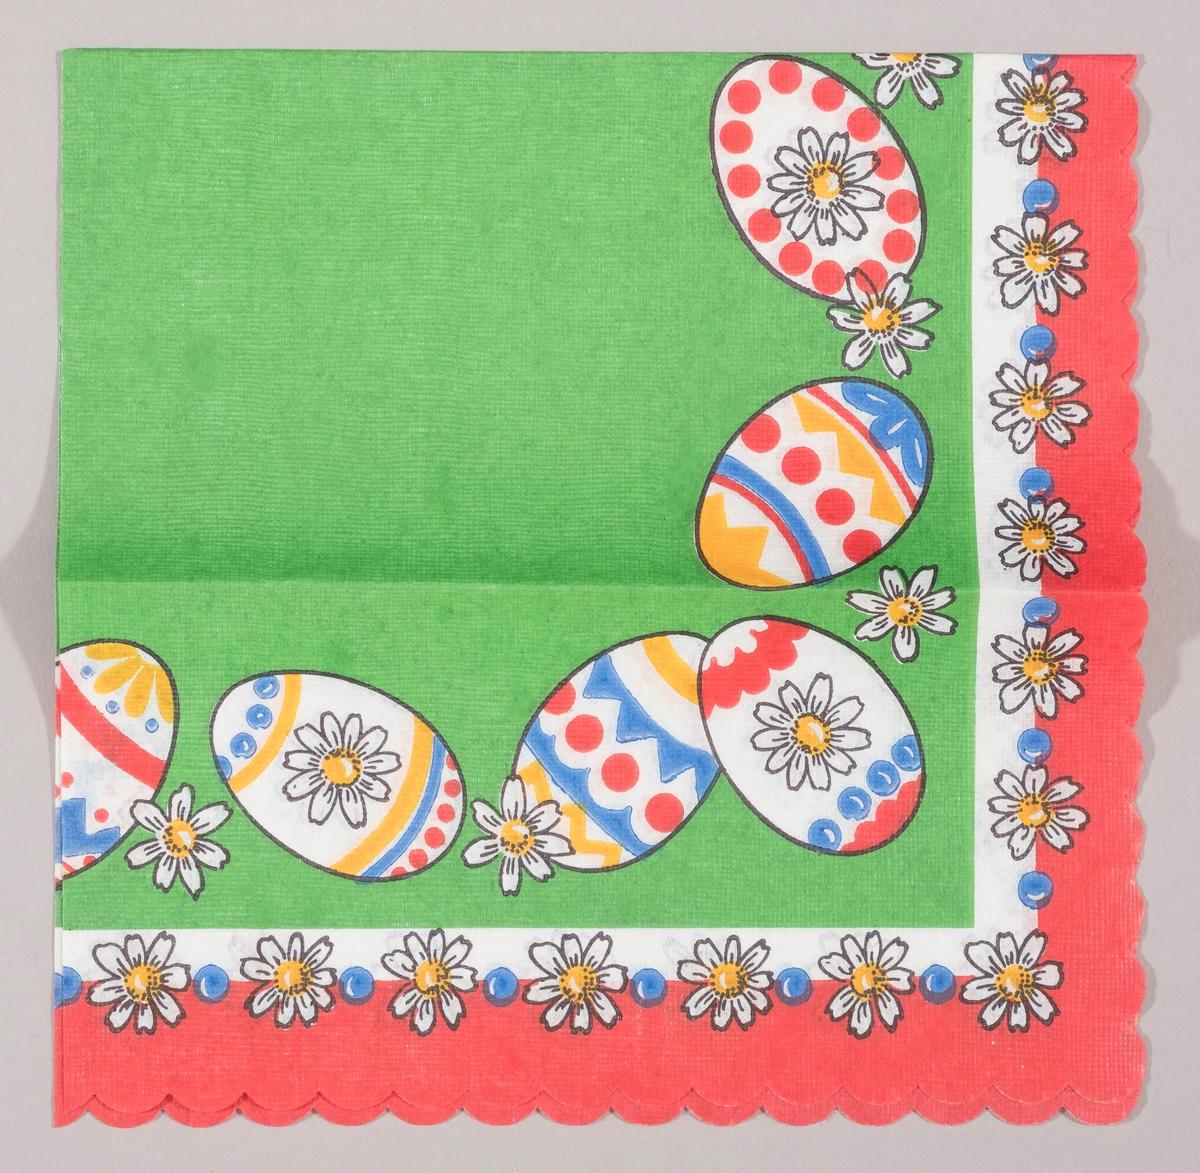 Dekorerte påskeegg og hvite blomster på en grønn bakgrunn. Hvite blomster og blå prikker på rekke på en hvit og rød kant.